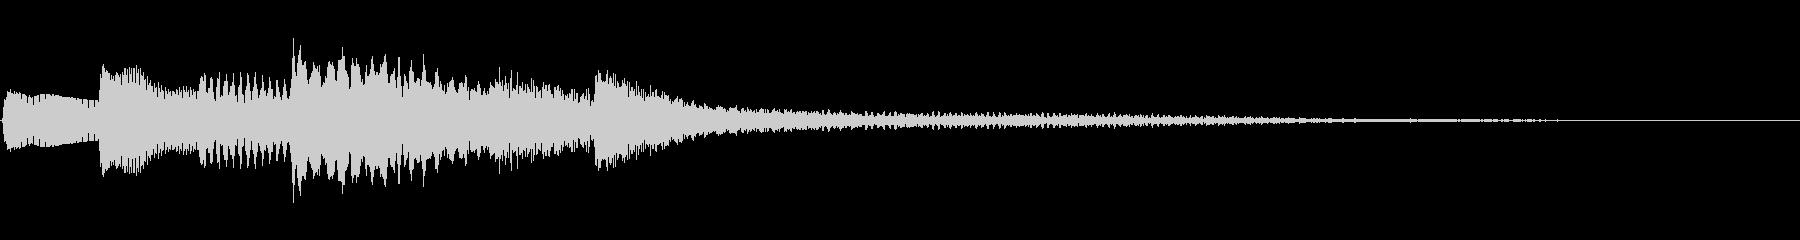 不協和音を生かした切ないピアノジングルの未再生の波形